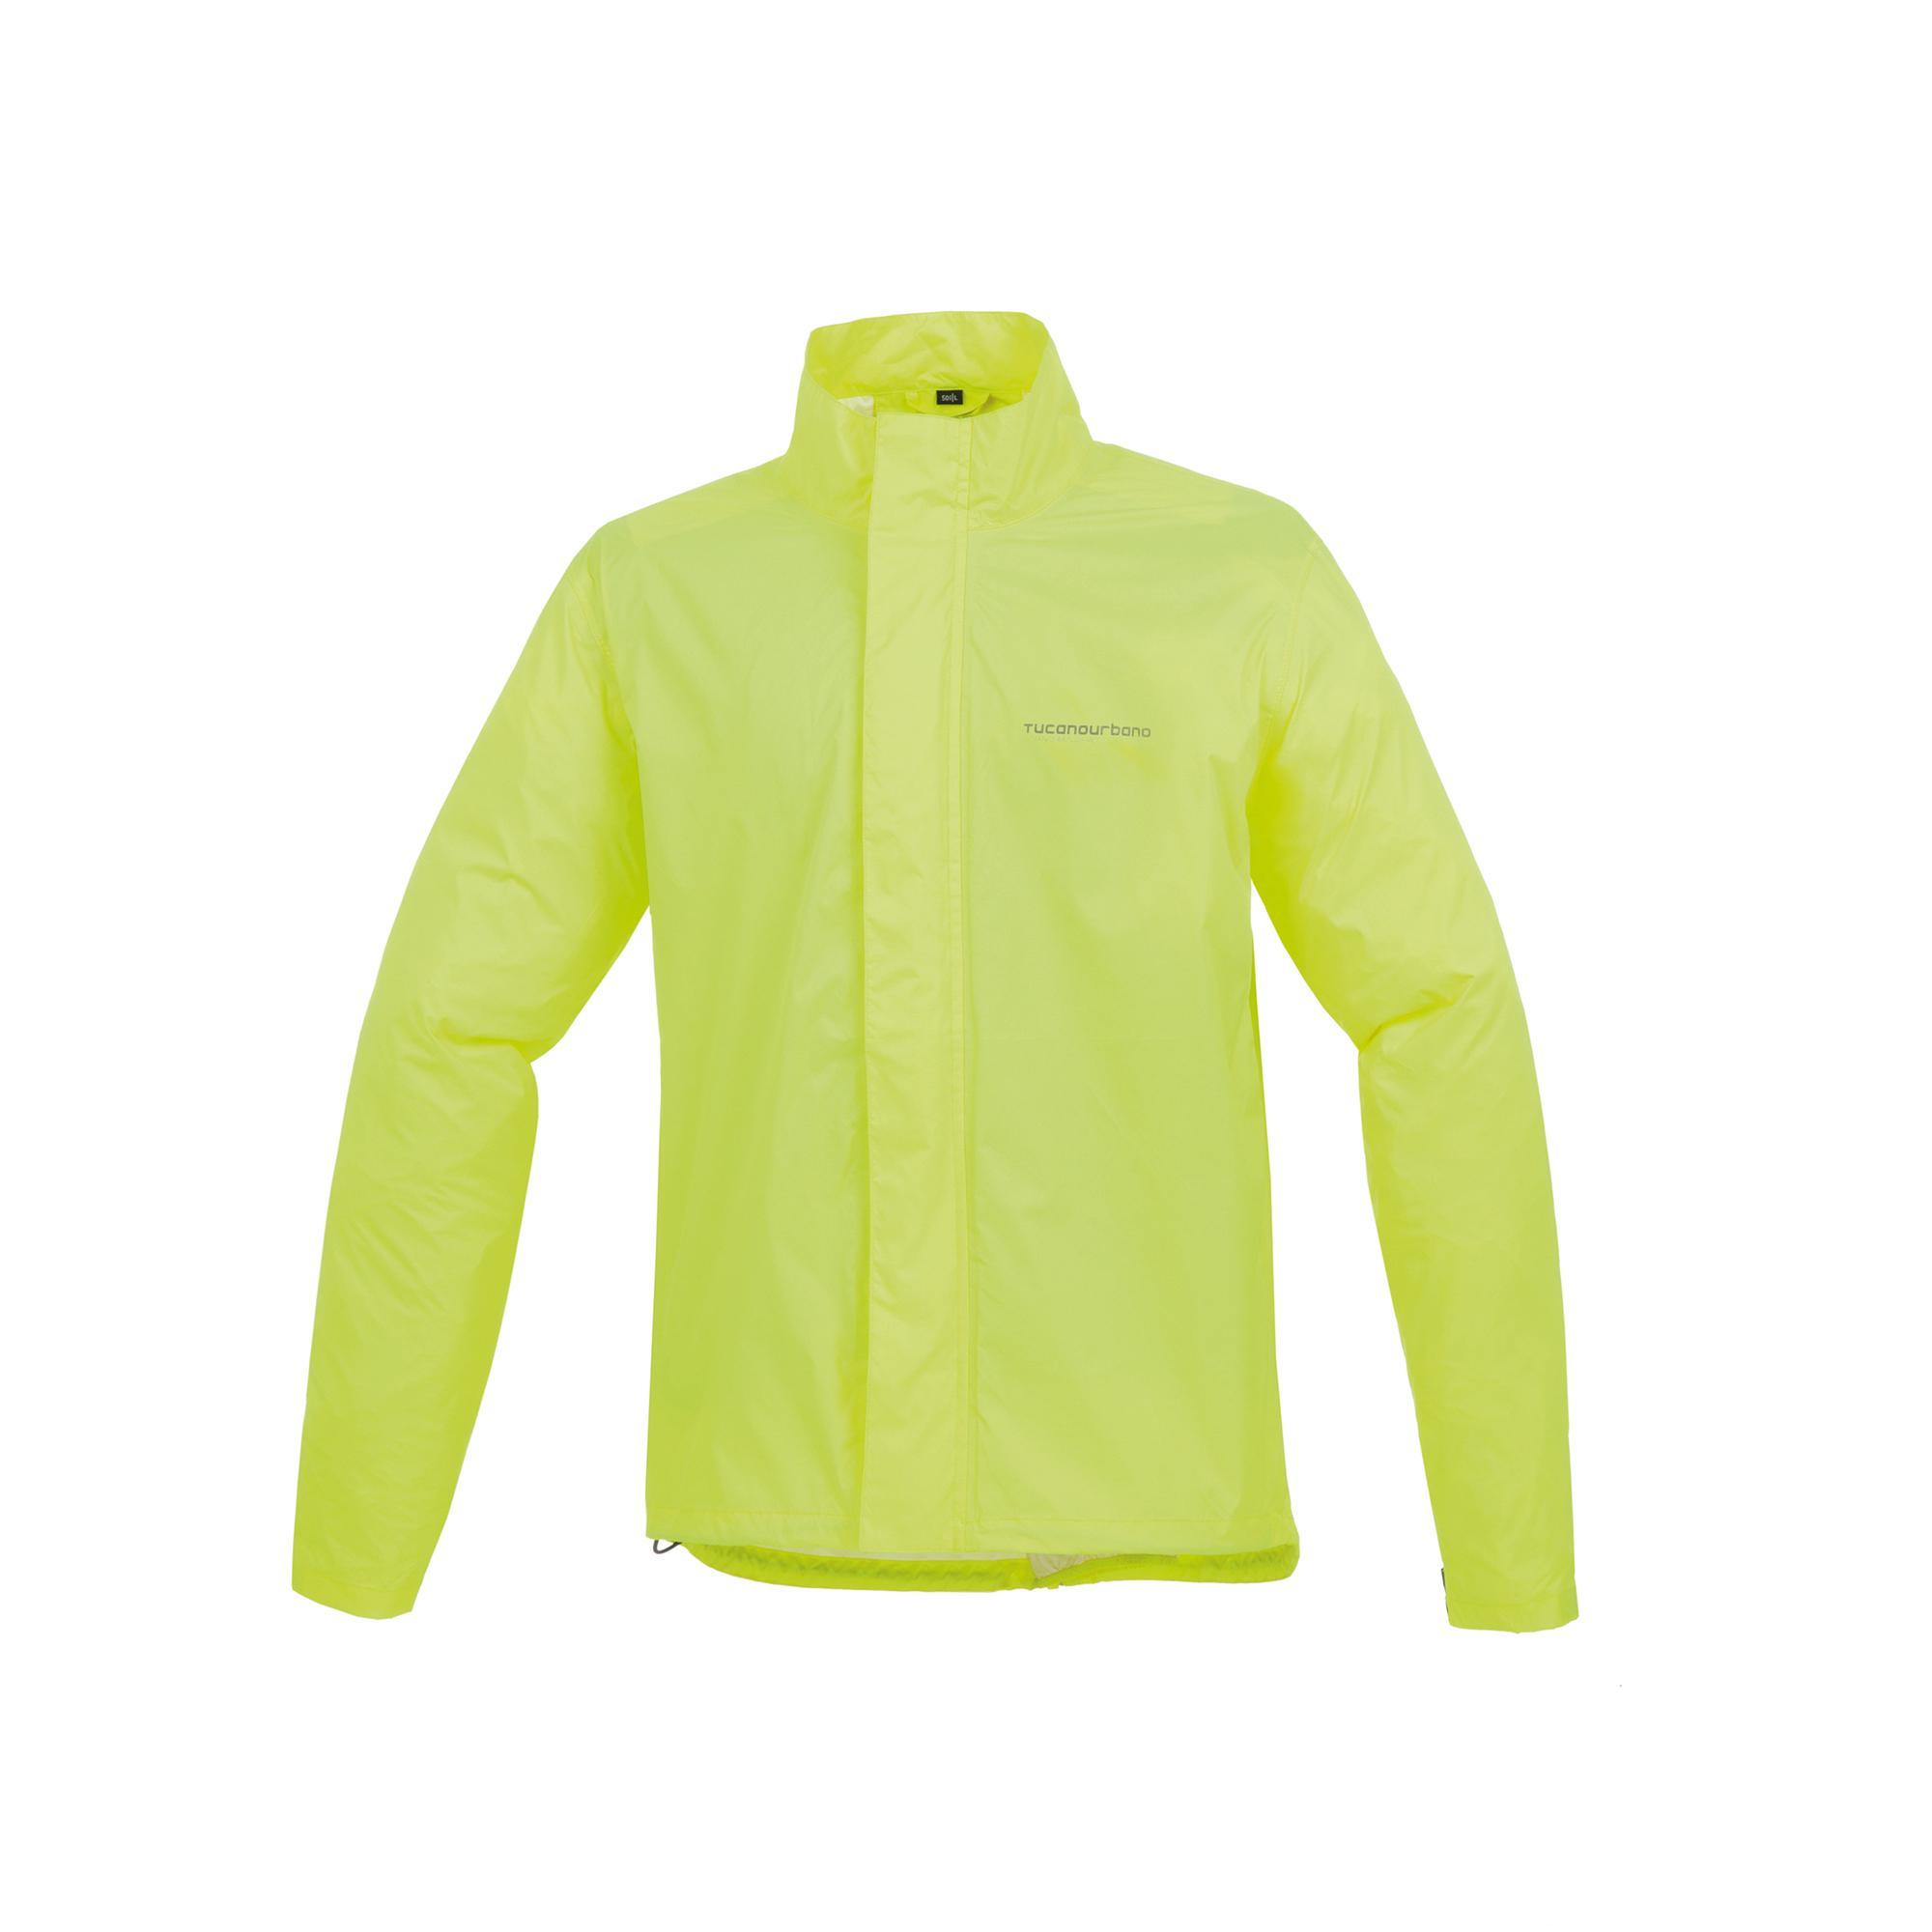 Jacke Nano Rain Zeta Fluoreszierendes Gelb